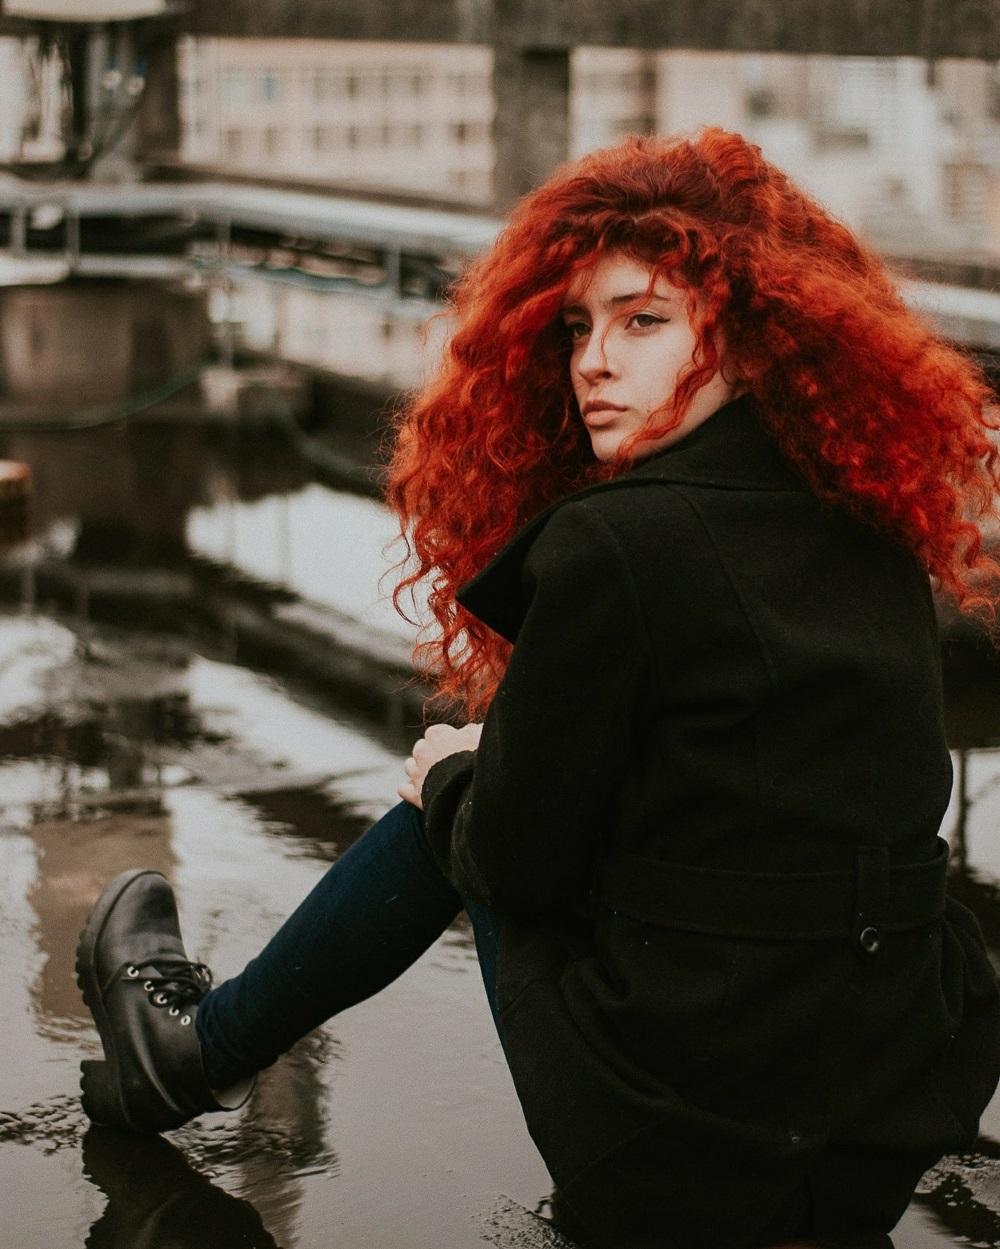 Какво трябва да знаем за червените коси, преди да пожелаем такива?